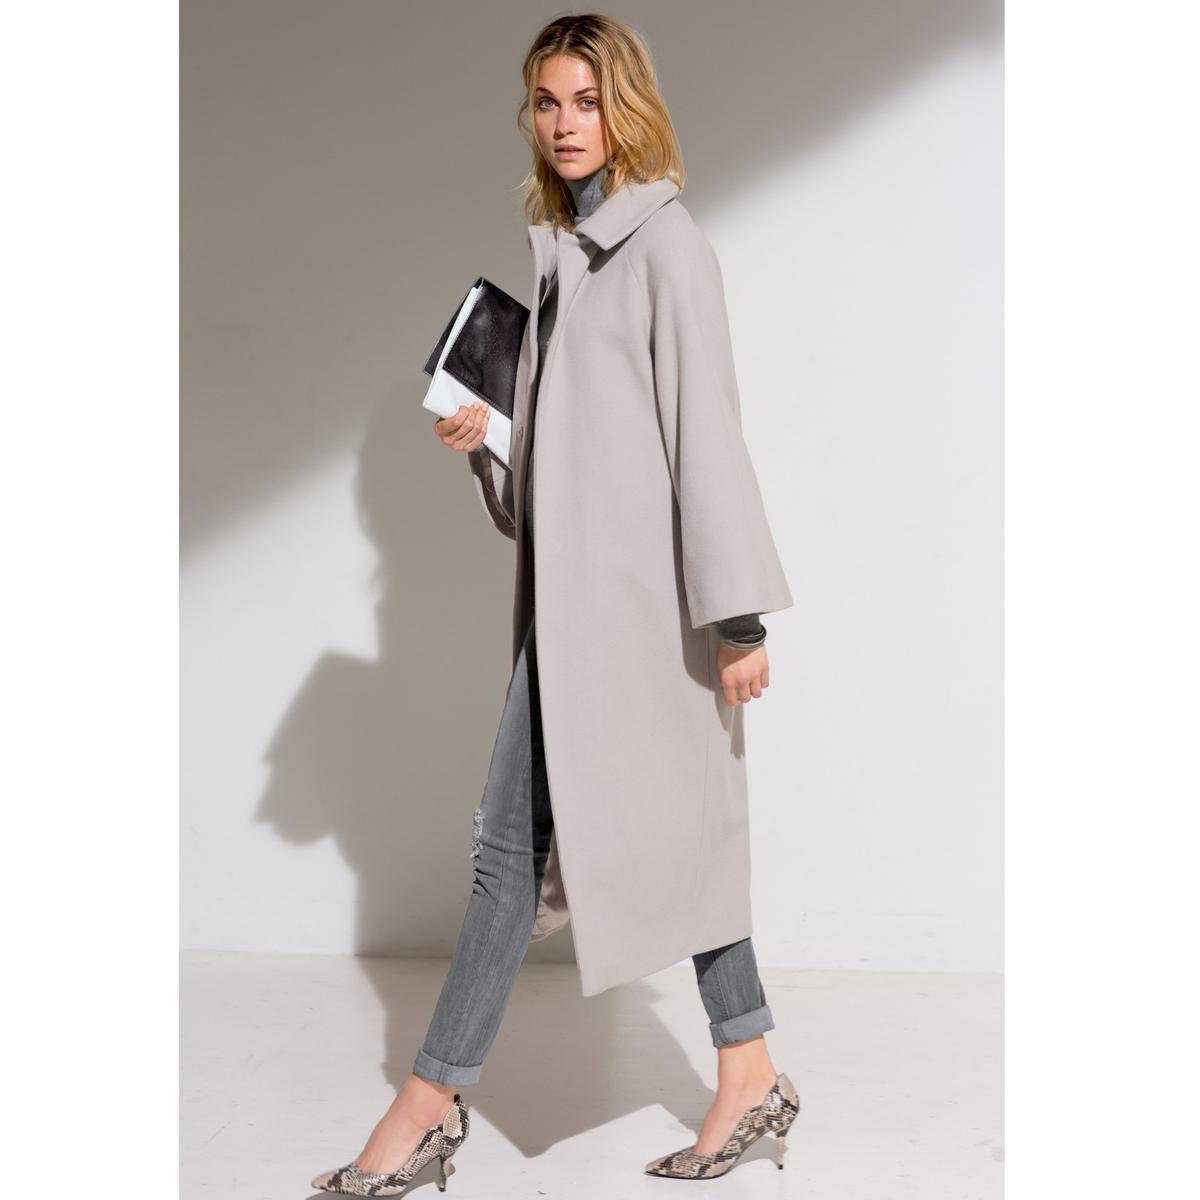 Пальто длинное, 80% шерстиДлинное пальто из 80% шерсти, 20% полиамида. Супатная застежка на кнопки. Боковые карманы. Подкладка из 100% полиэстера. Длина 115 см.<br><br>Цвет: серый жемчужный